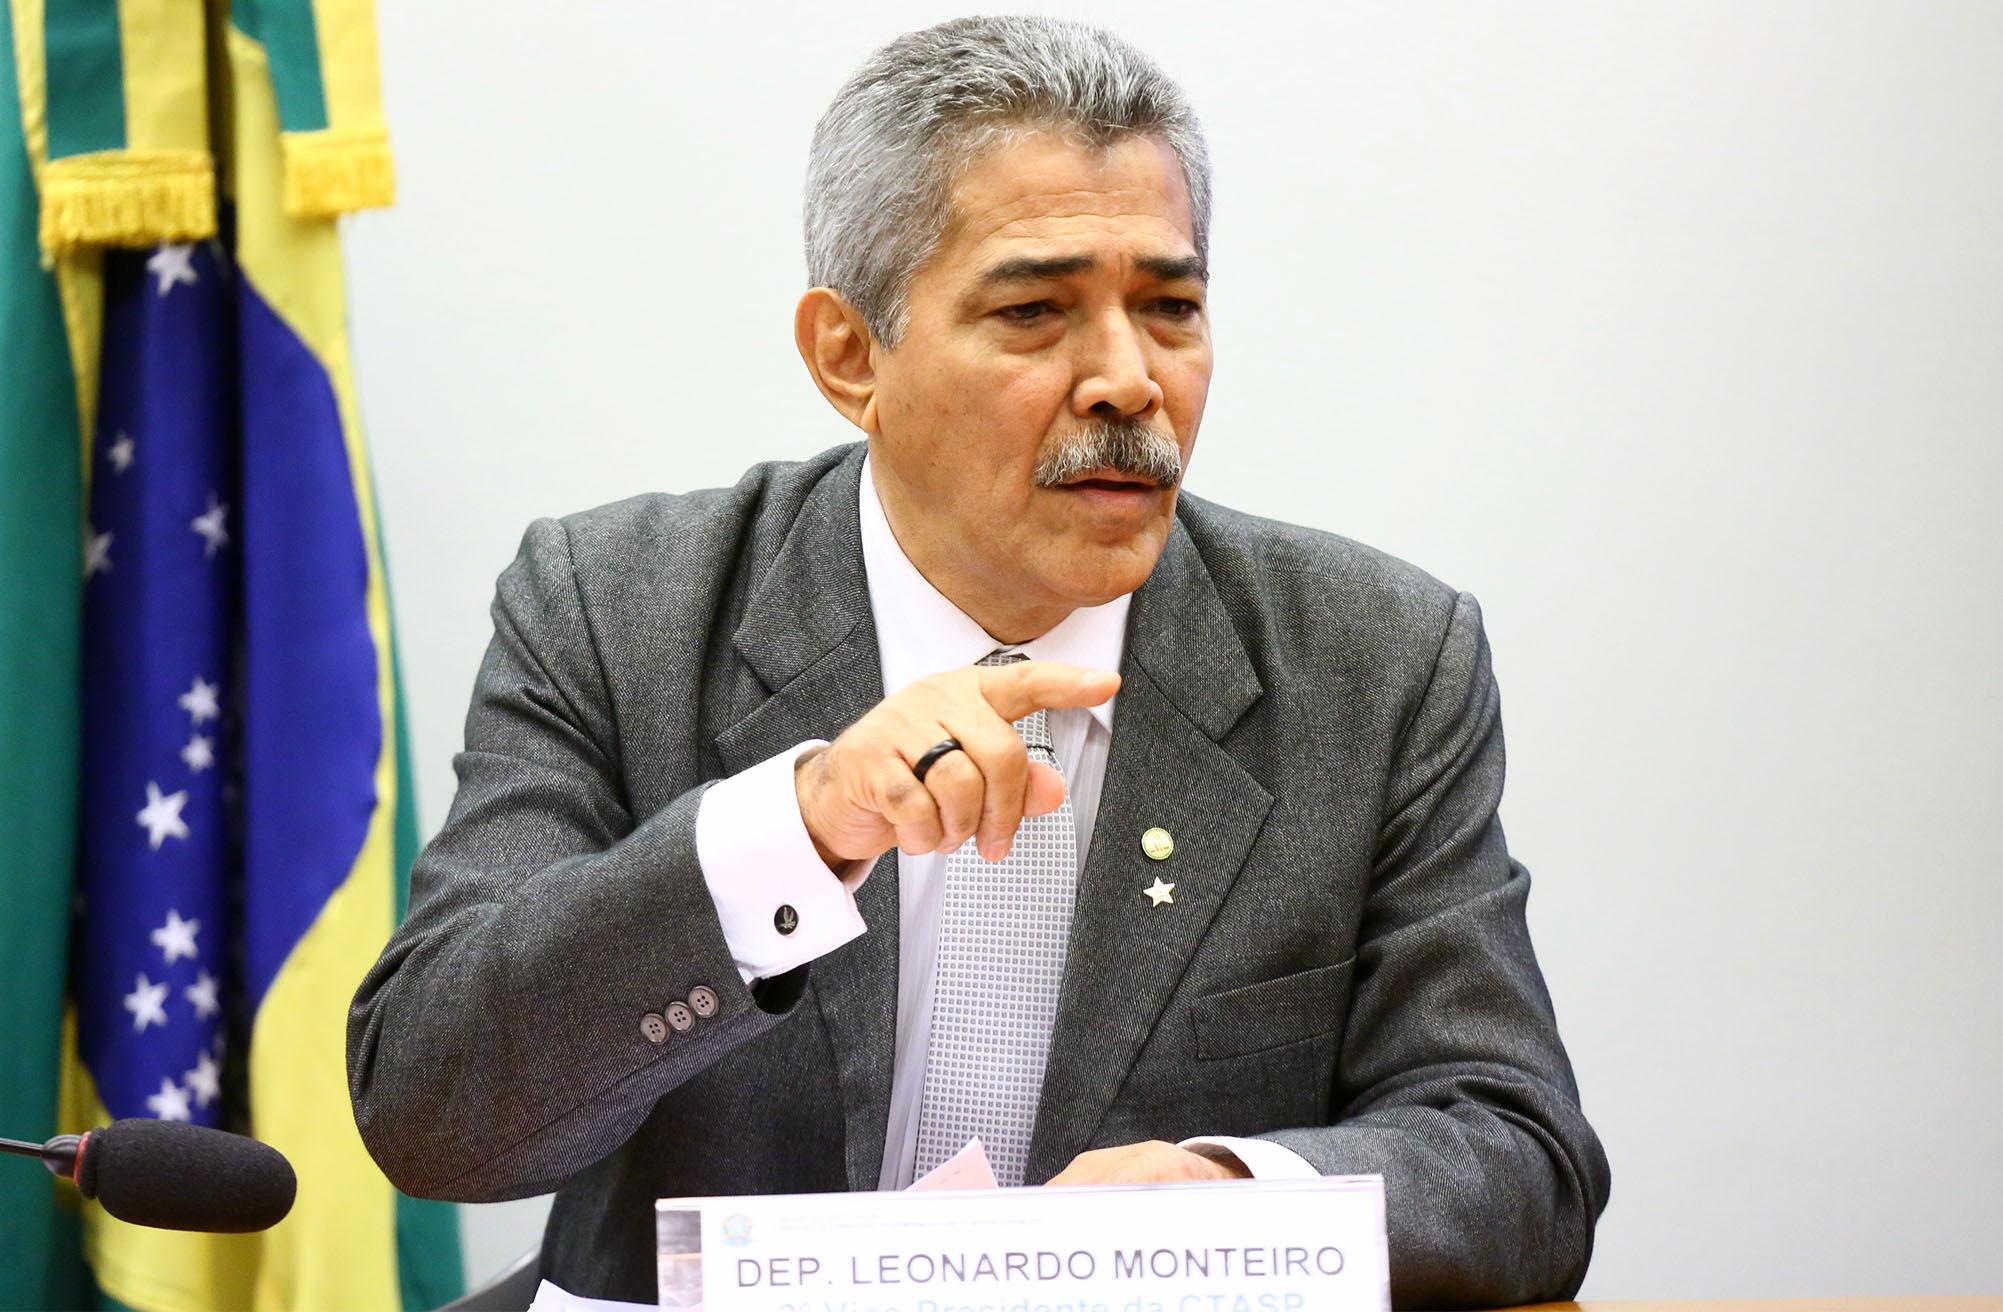 Reunião para esclarecimentos sobre a edição da Portaria nº 1.129, publicada em 16/10/2017, que altera os conceitos que definem o trabalho escravo no Brasil. Dep. Leonardo Monteiro (PT - MG)